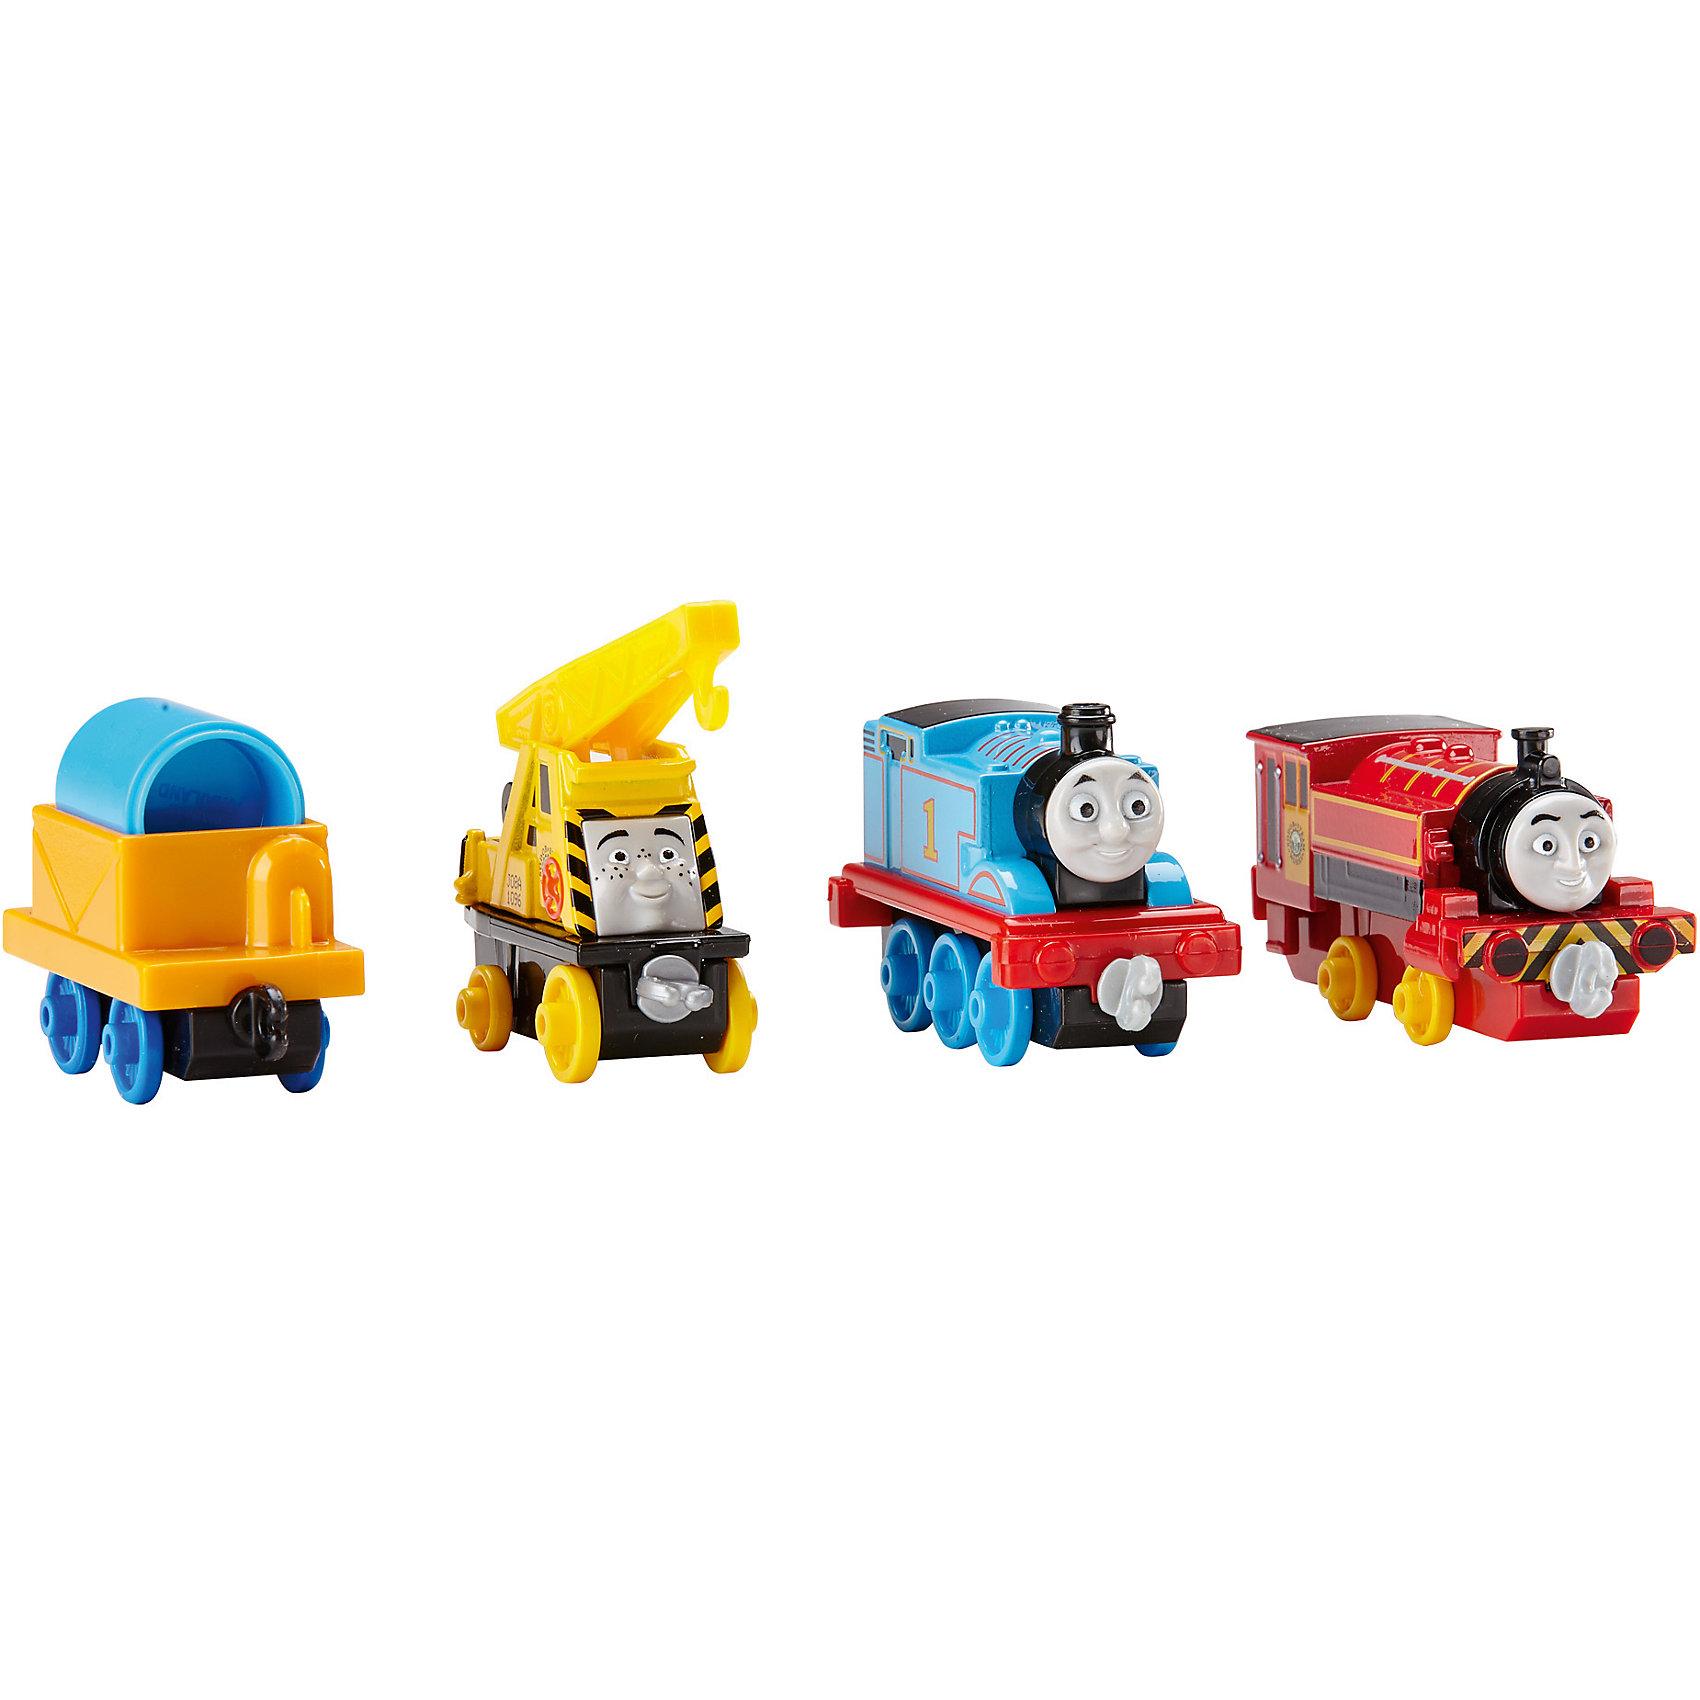 Паровозик, Томас и его друзьяИгровой набор Томас, и его друзья из серии Collectible Railway - это грузовой кран и два очаровательных паровозика, выполненные в виде героев любимого детского мультфильма Thomas &amp; Friends. Для того, чтобы игра была веселее к ним добавлен вагончик для перевозки грузов, который можно прикрепить к любому из паровозов, что позволит ребенку придумать и разыграть еще больше увлекательных сюжетов. Корпуса фигурок выполнены из литого металла, что делает их долговечными и устойчивыми к поломкам. Паровозы и вагончики окрашены в яркие цвета и сразу привлекают внимание ребенка даже если он еще не знаком с их мультипликационными прототипами. В процессе производства игрушек были использованы только нетоксичные материалы. При соблюдении рекомендаций, данных производителем, набор безопасен для детей.<br><br>Дополнительная информация:<br><br>- возраст: от 3 лет.<br>- материал: металл, пластик.<br>- размер упаковки: 25,5*13*3,5 см.<br>- вес: 200 г.<br>- в комплекте: 2 паровозика и грузовой кран<br>- страна обладатель бренда: США.<br><br>Паровозики, Томас и его друзья торговой марки   Fisher-Price (Фишер Прайс)   можно купить в нашем интернет-магазине<br><br>Ширина мм: 35<br>Глубина мм: 130<br>Высота мм: 255<br>Вес г: 241<br>Возраст от месяцев: 36<br>Возраст до месяцев: 120<br>Пол: Мужской<br>Возраст: Детский<br>SKU: 5047635